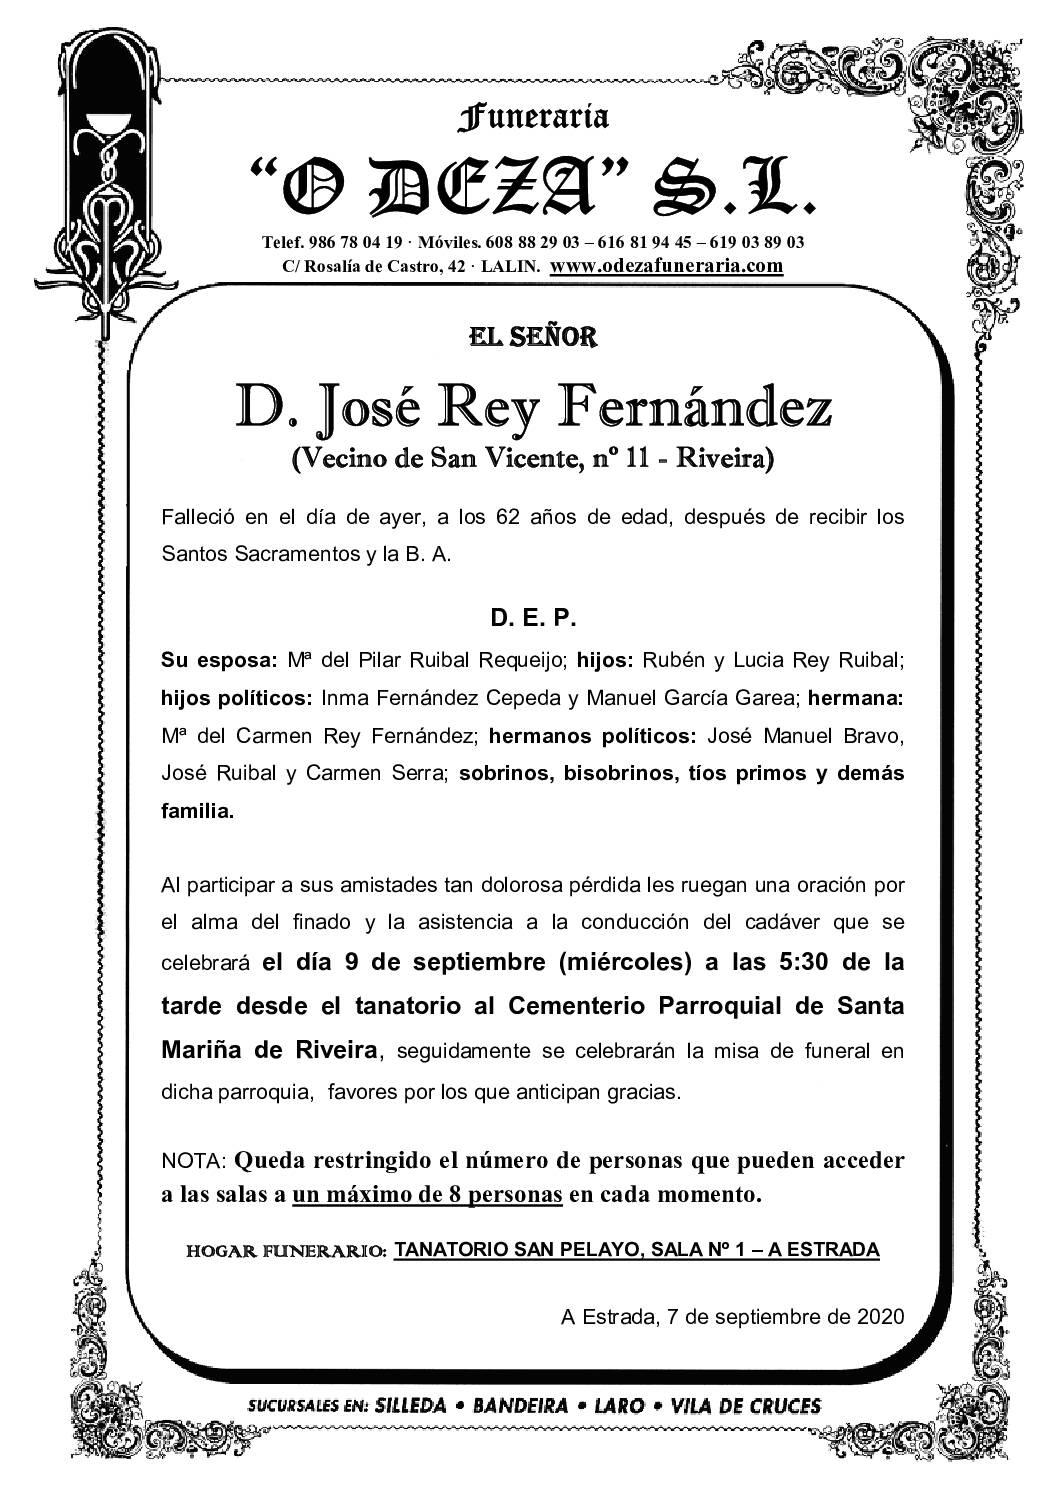 D. JOSÉ REY FERNÁNDEZ